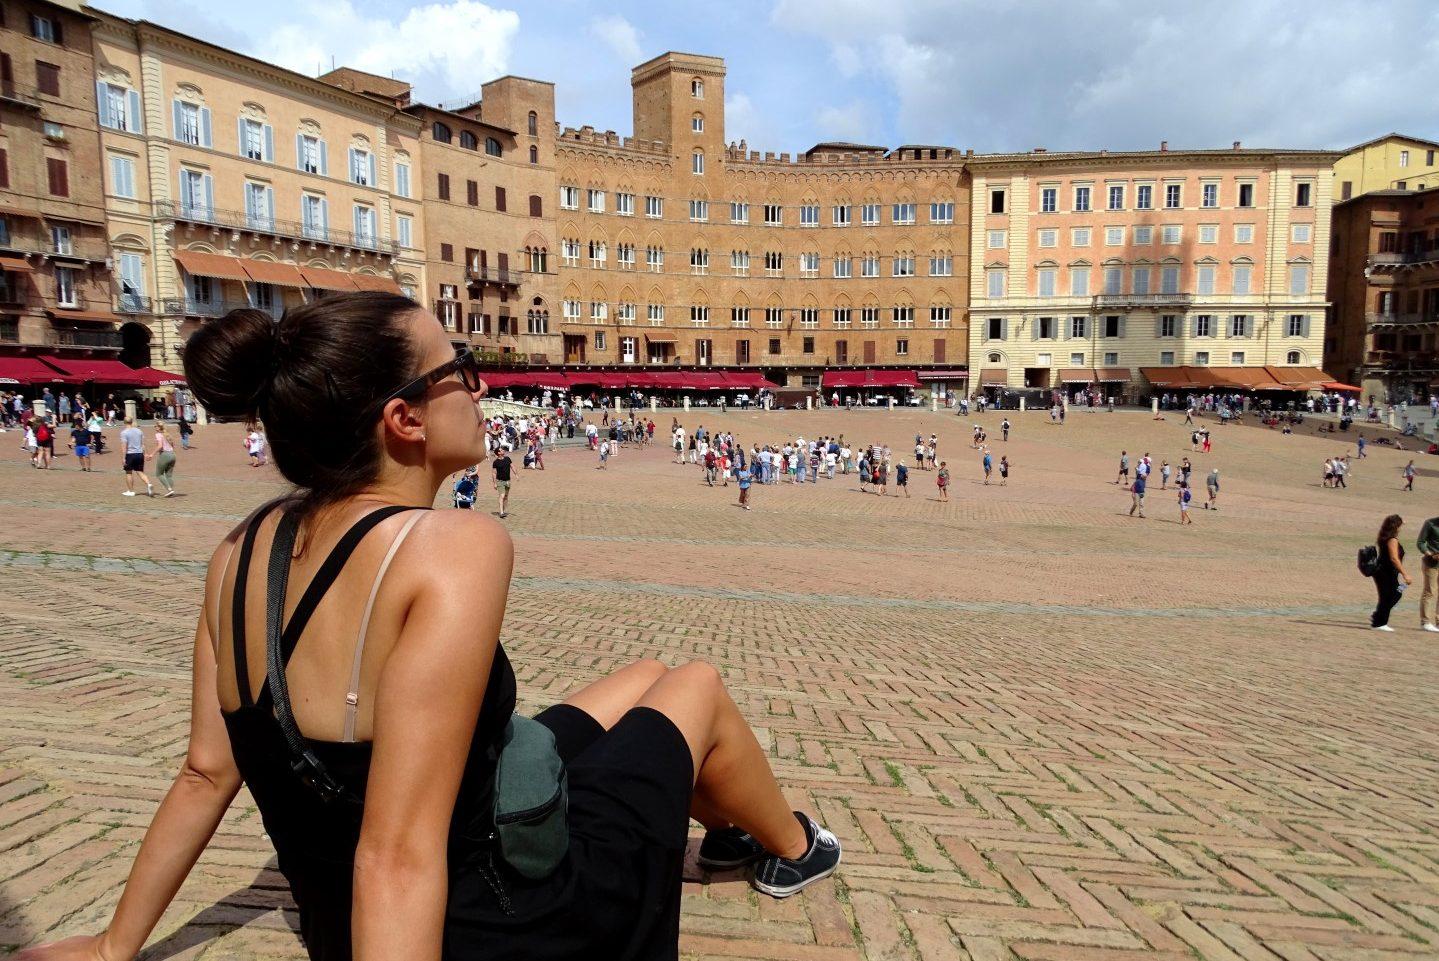 Het schelpvormig stadsplein Piazza del Campo